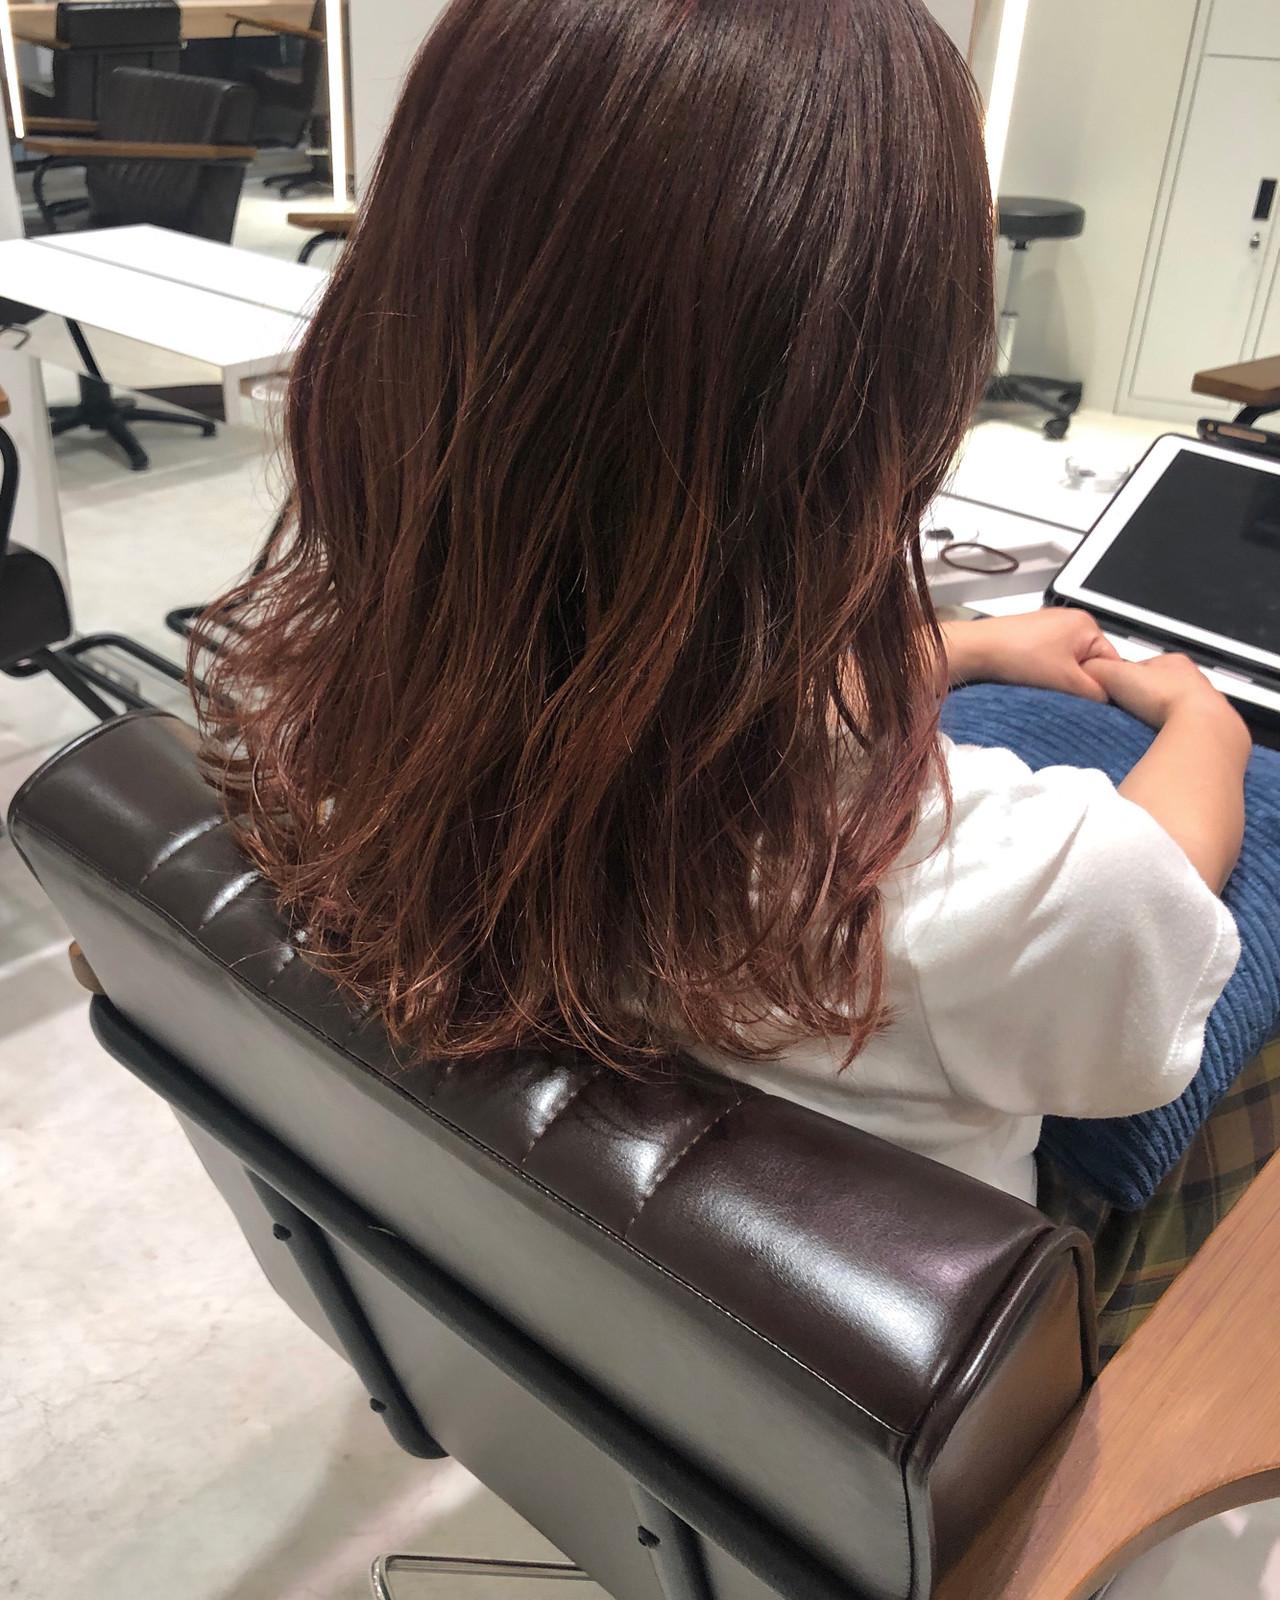 大人カジュアル 大人ヘアスタイル ピンク ピンクブラウンヘアスタイルや髪型の写真・画像